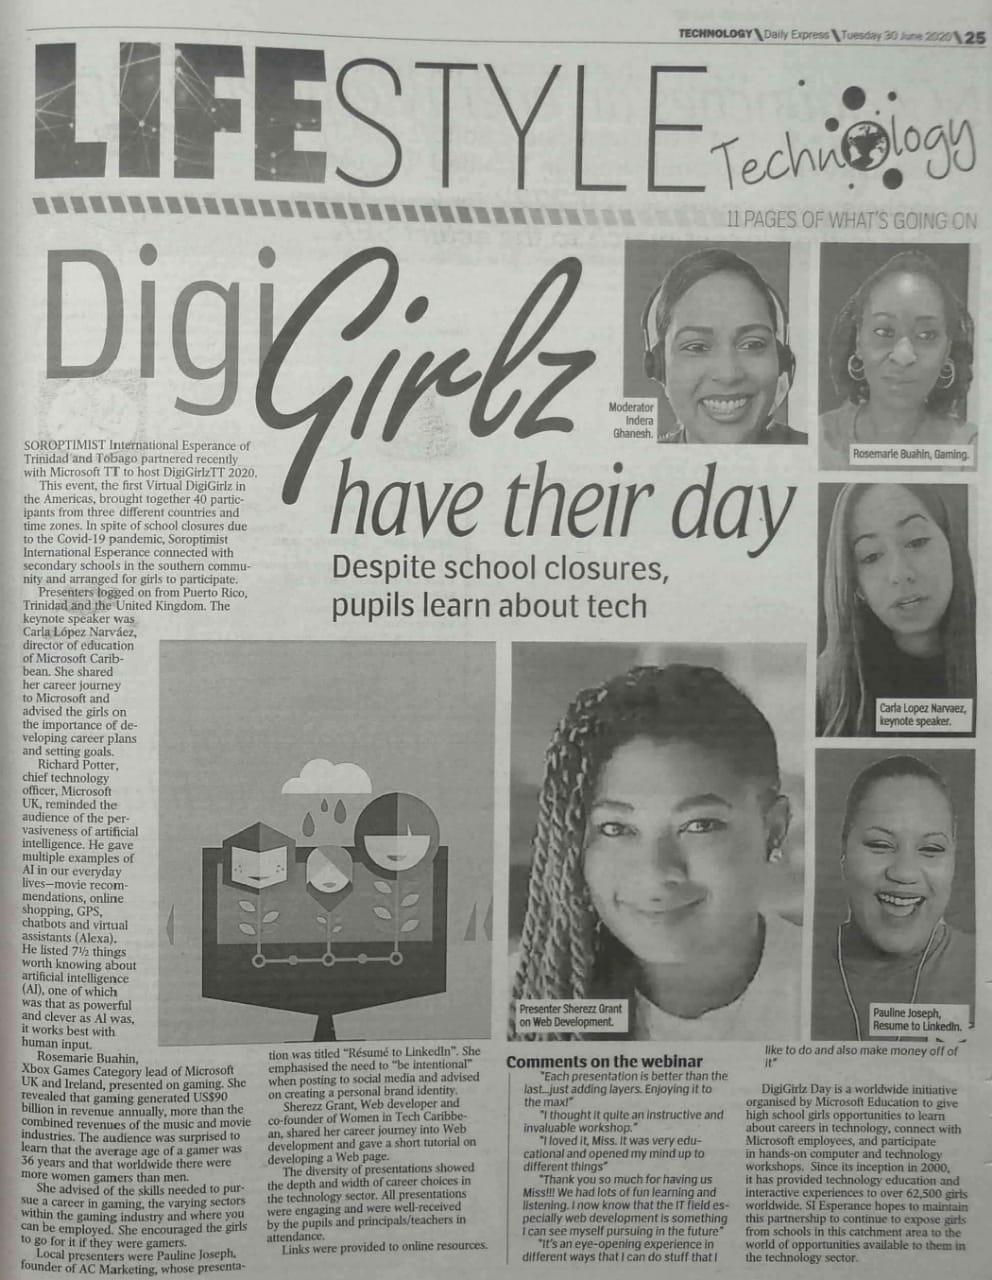 DigiGirlz, Daily Express, June 30th, 2020